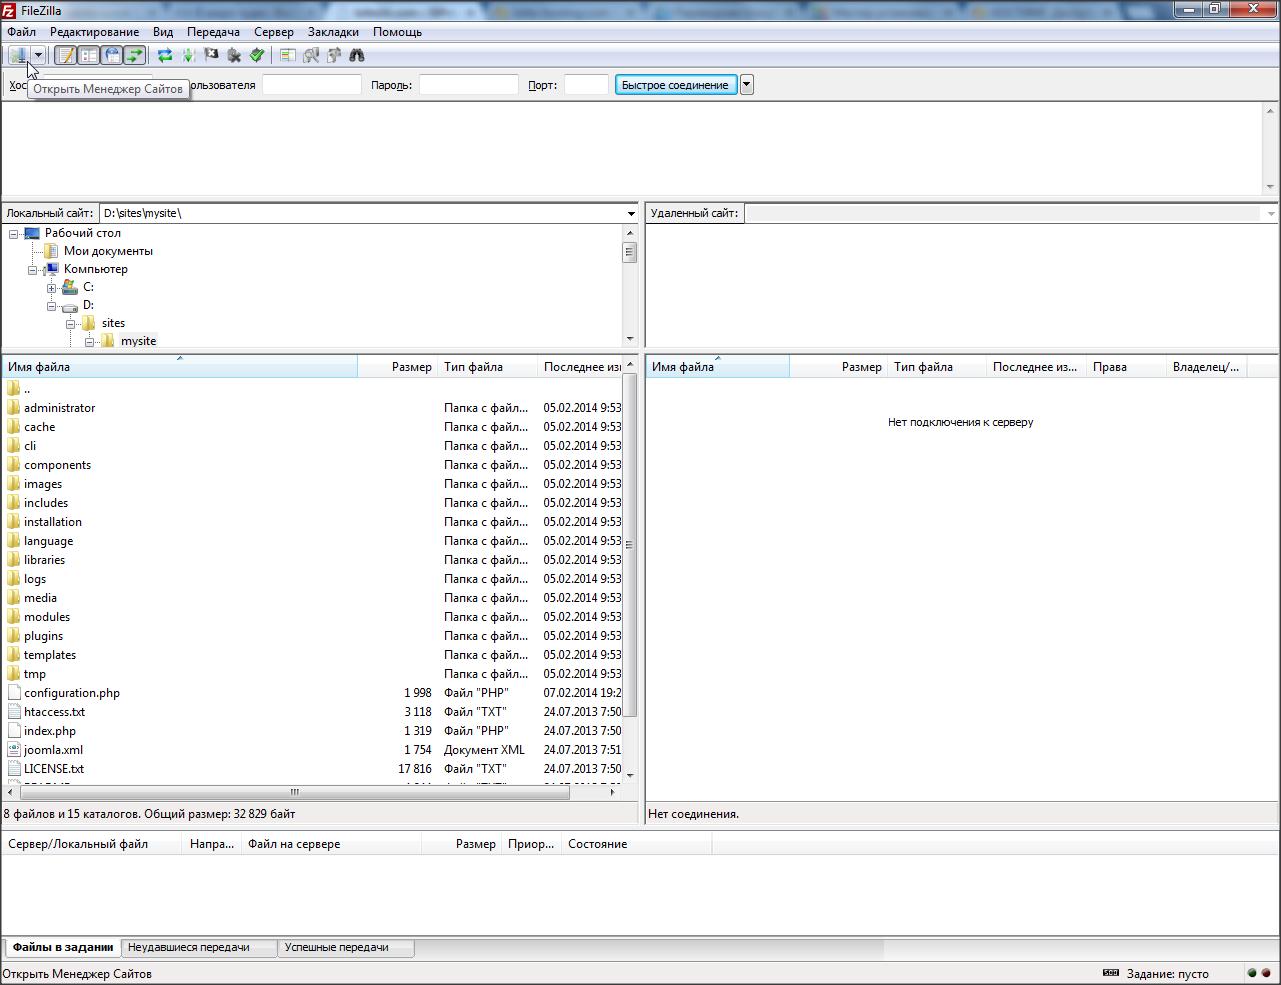 Загрузка файлов joomla на хостинг web дизайн и создание сайтов обучение